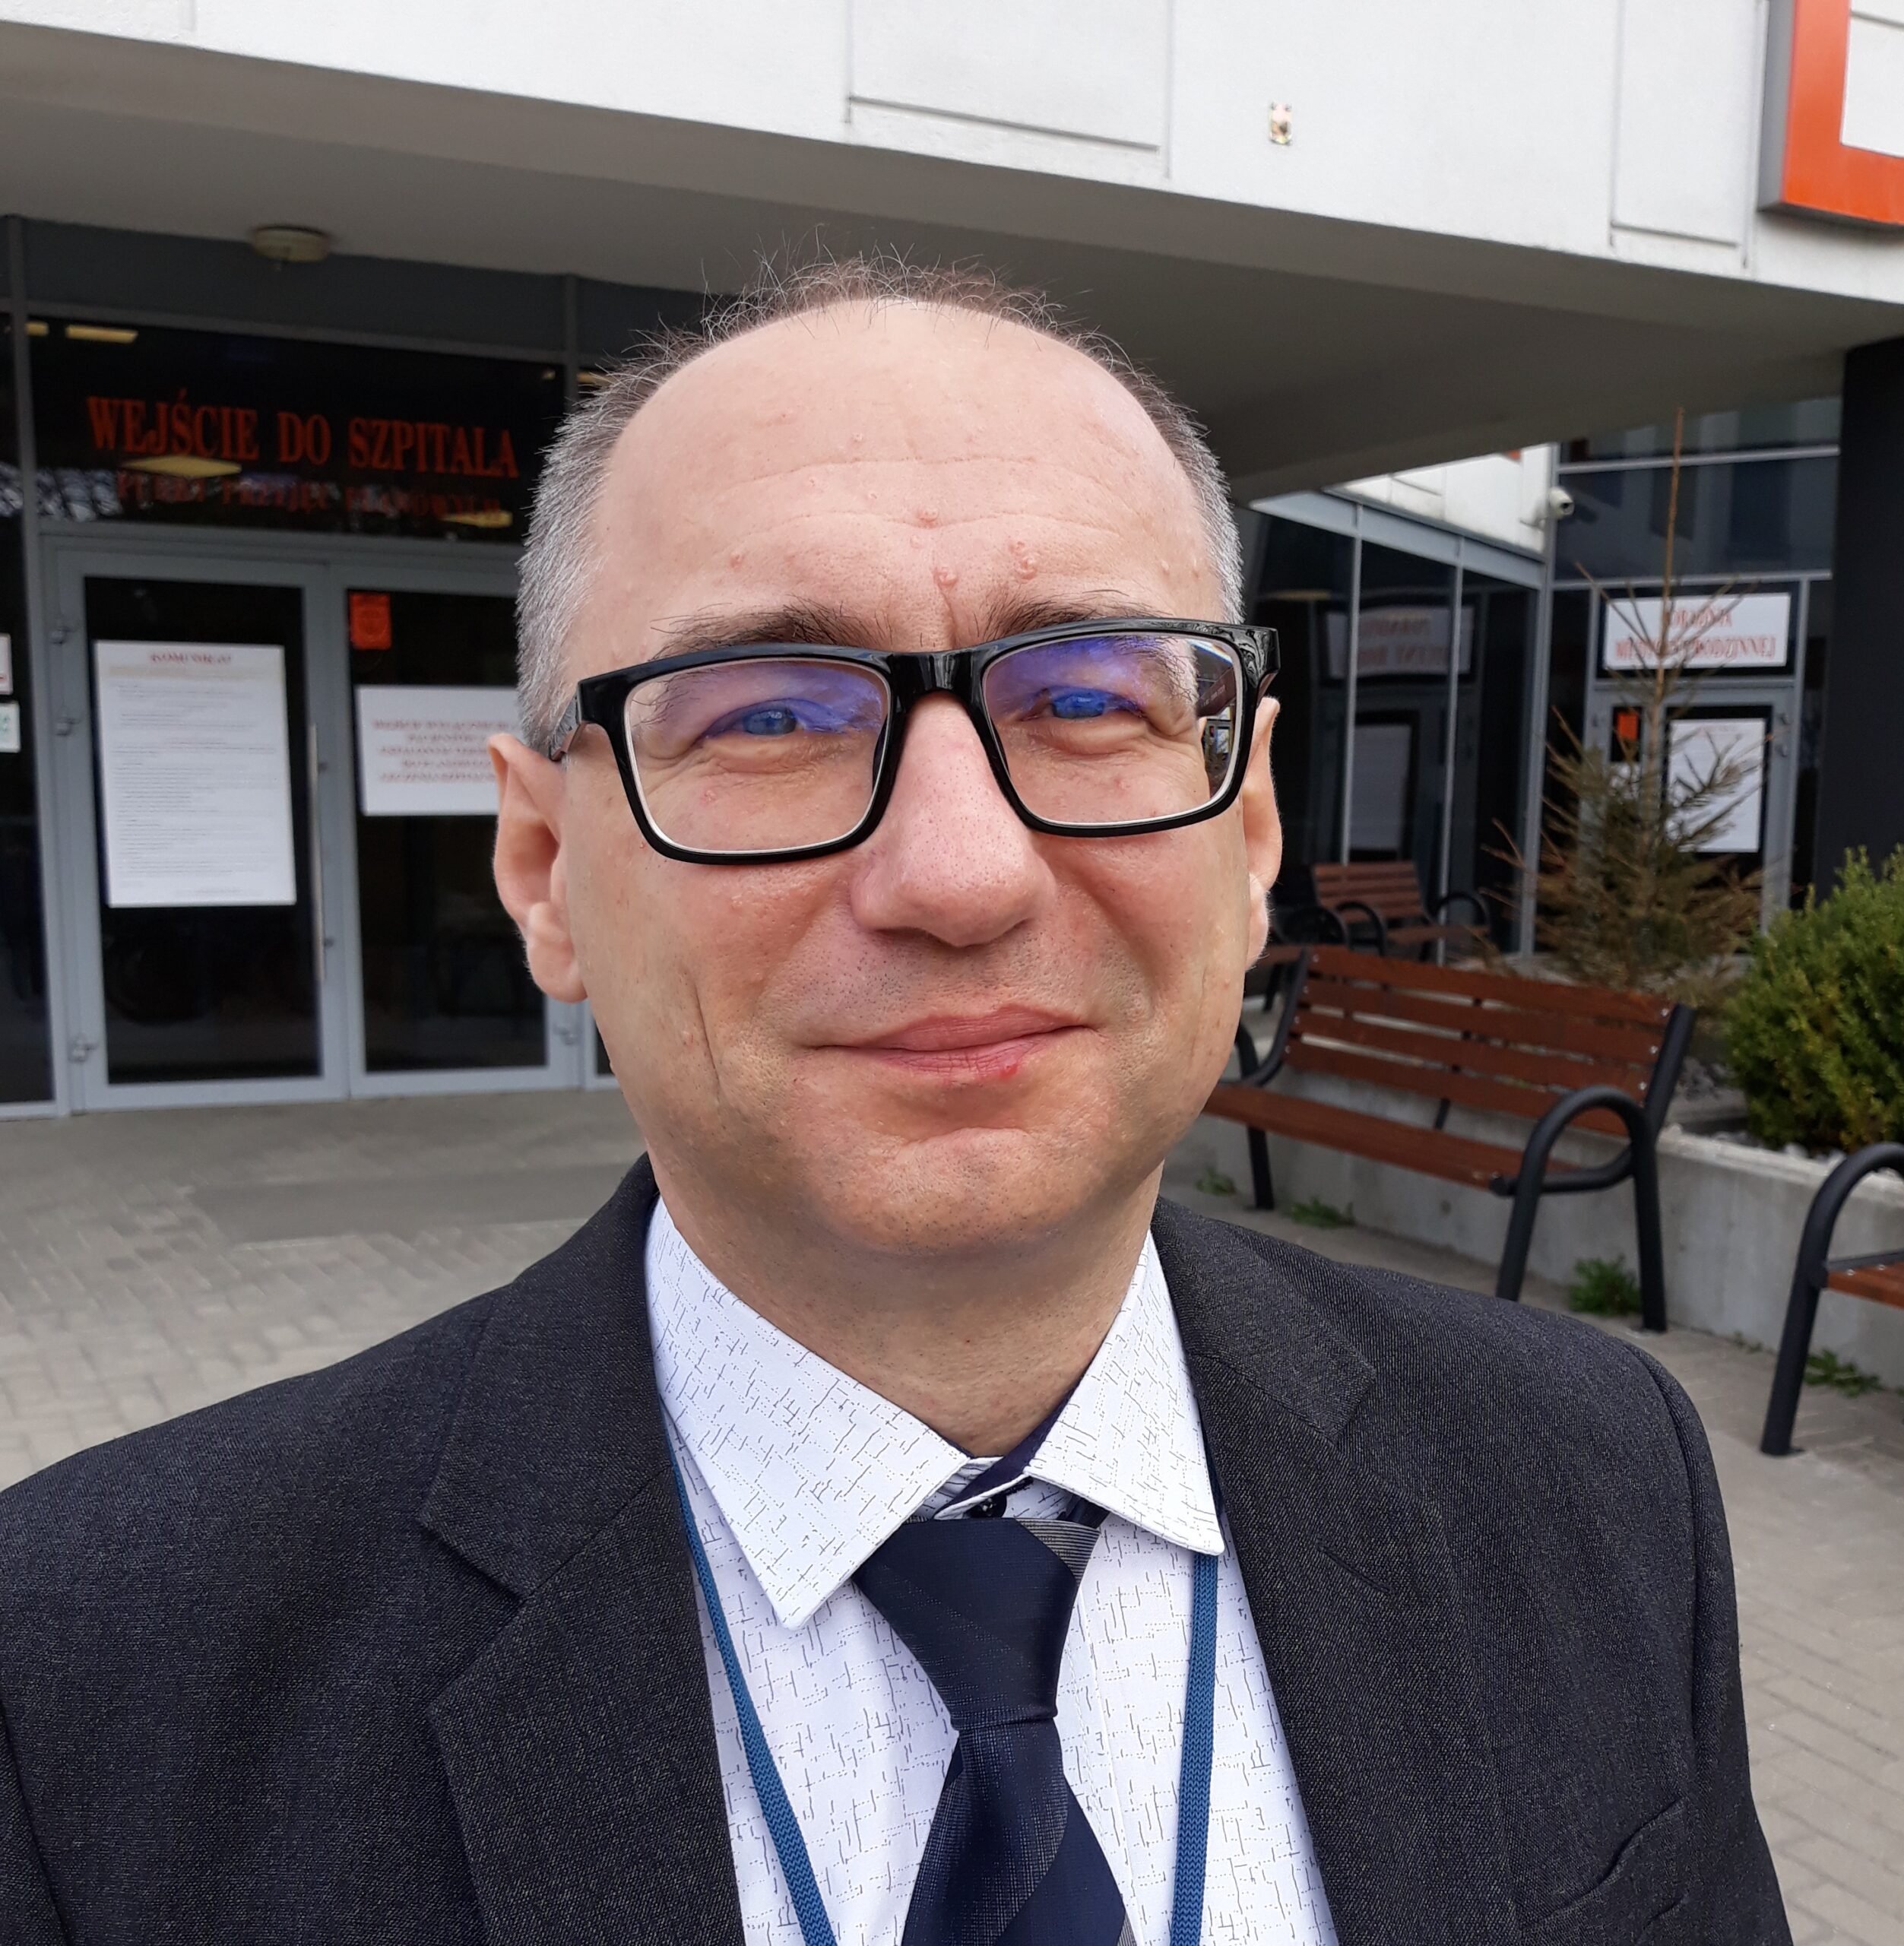 mgr inż. Grzegorz Olszewski : Zastępca Dyrektora ds. Techniczno-Eksploatacyjnych